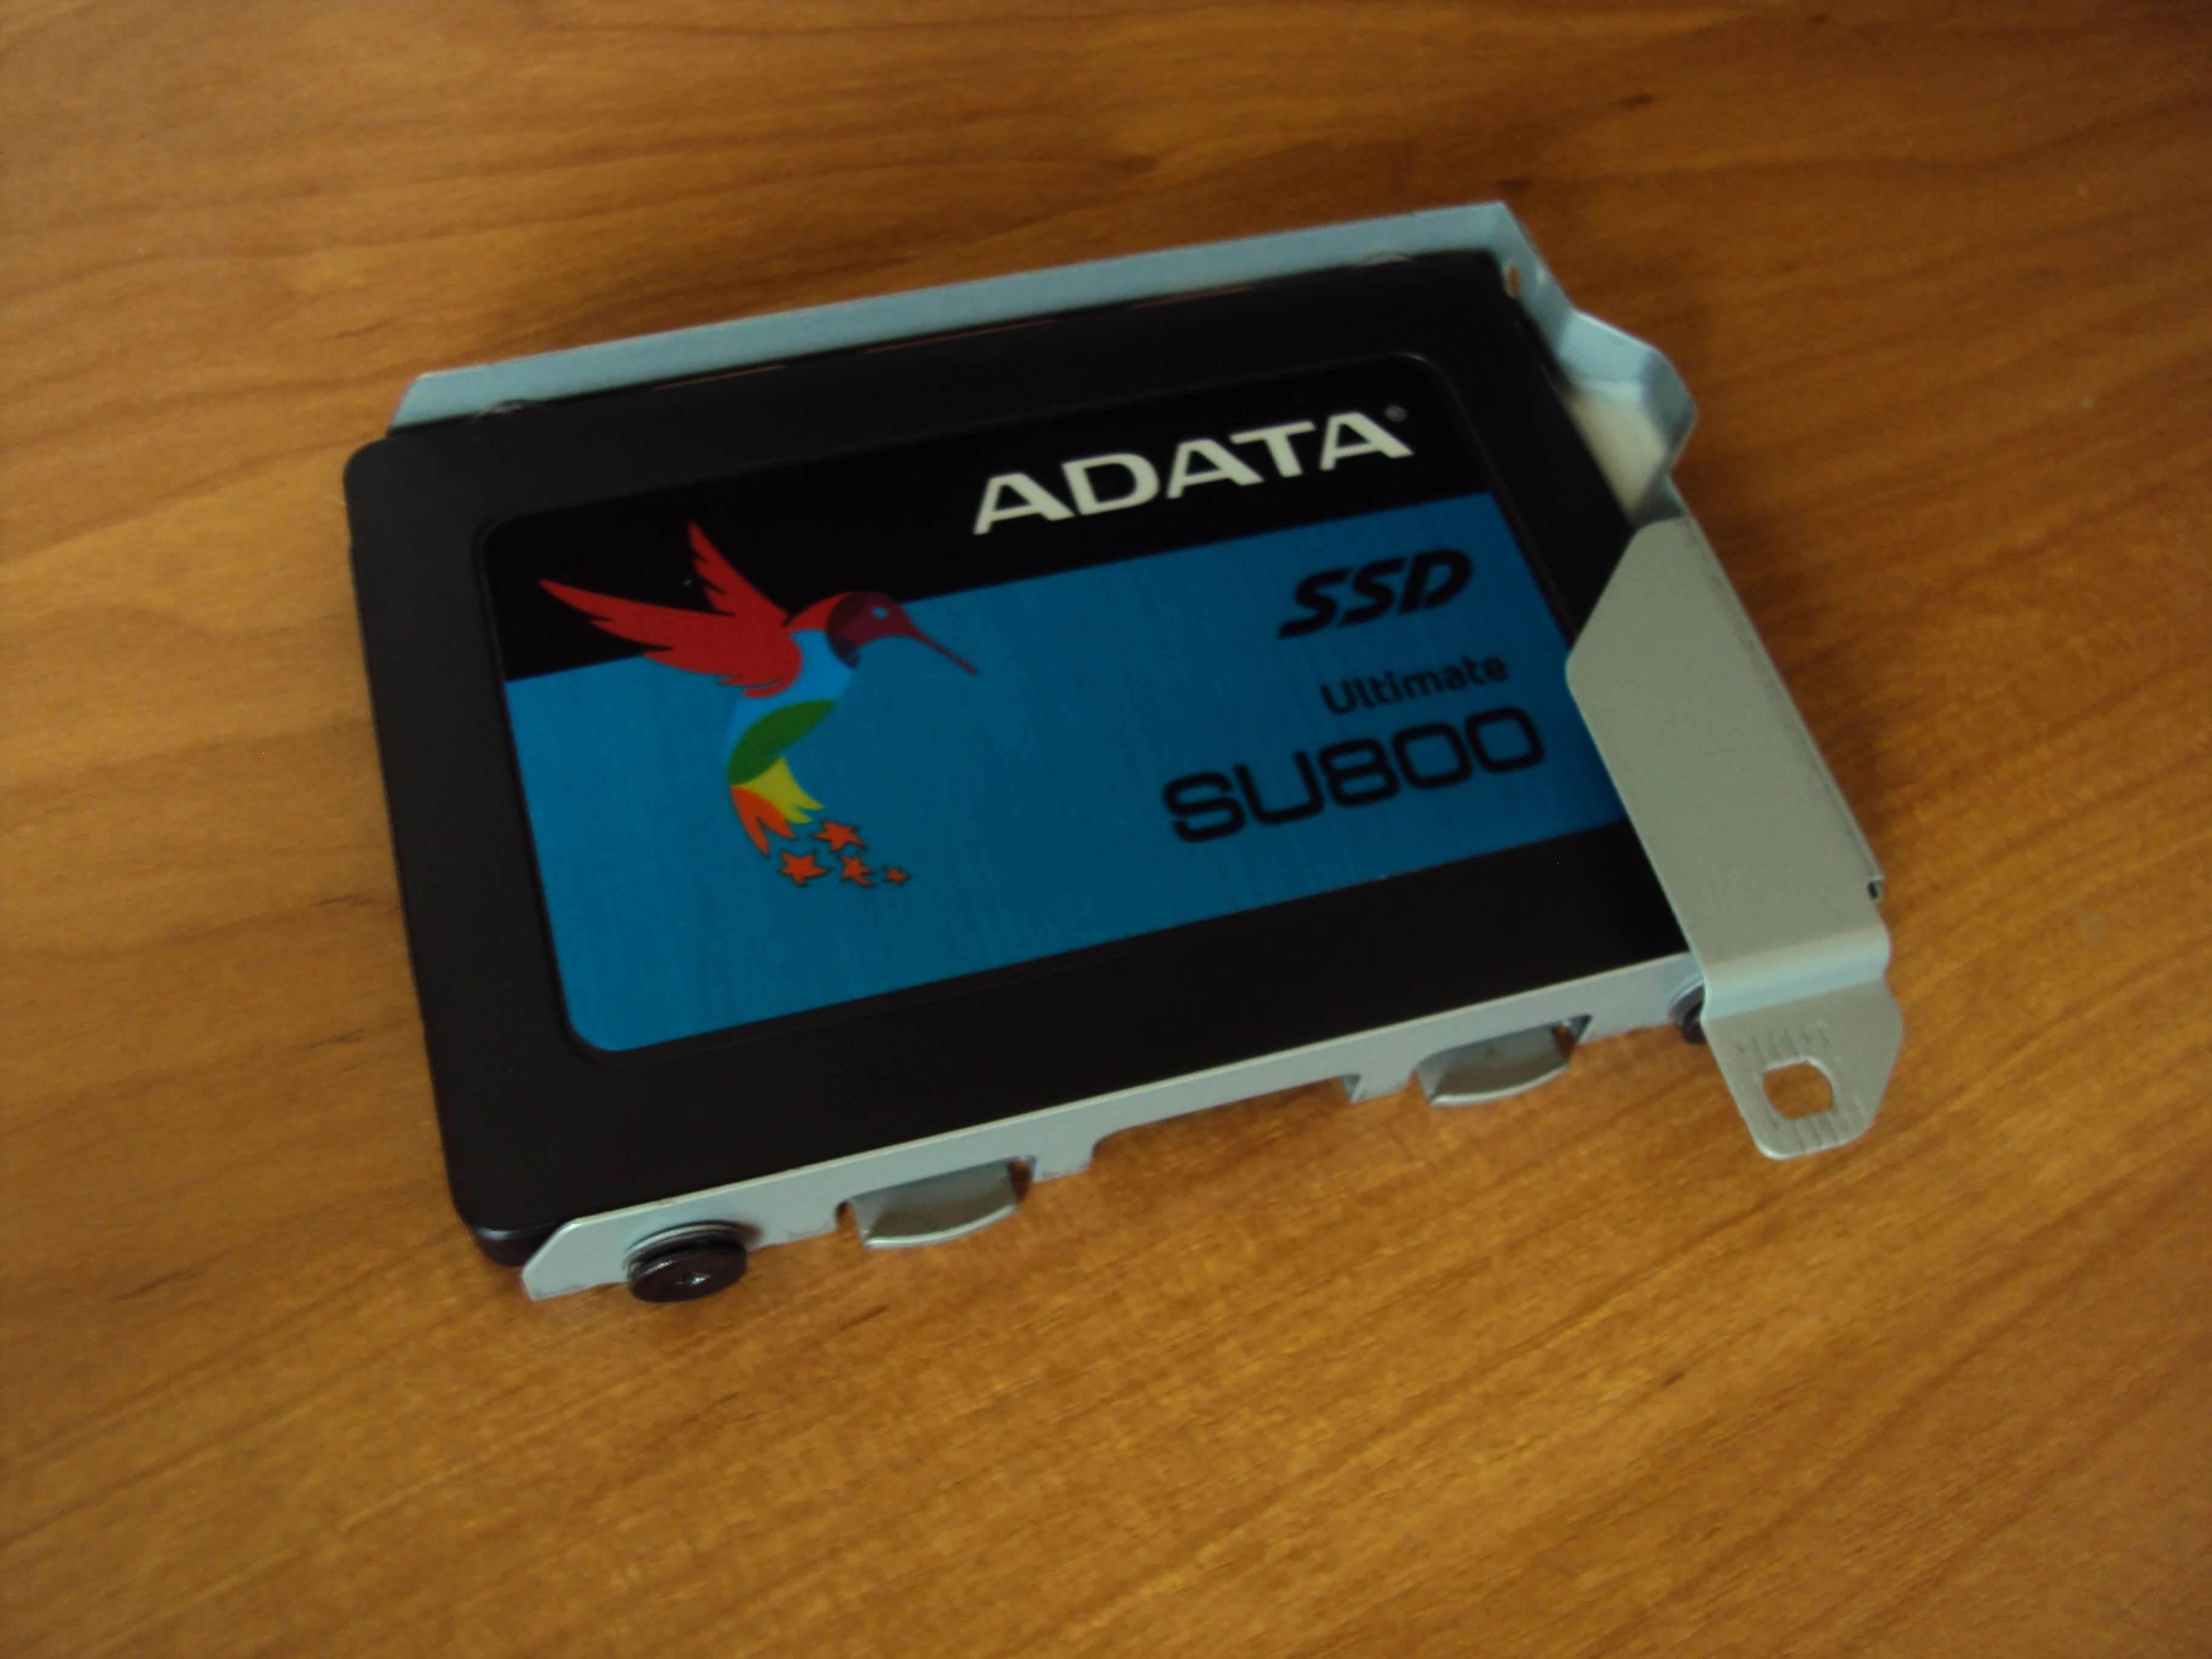 Dysk SSD ADATA SU800 Ultimate (3D NAND) - test i recenzja recenzje, ciekawostki zalety, wady, recenzja Dysk SSD ADATA SU800 Ultimate, polska recenzja, Dysk SSD ADATA SU800 Ultimate  Początkowo twierdziłem, że fabryczny dysk twardy w PlayStation 4 będzie mi wystarczał, ponieważ od razu po zakupie nie miałem zbyt wielu gier. DSC02575